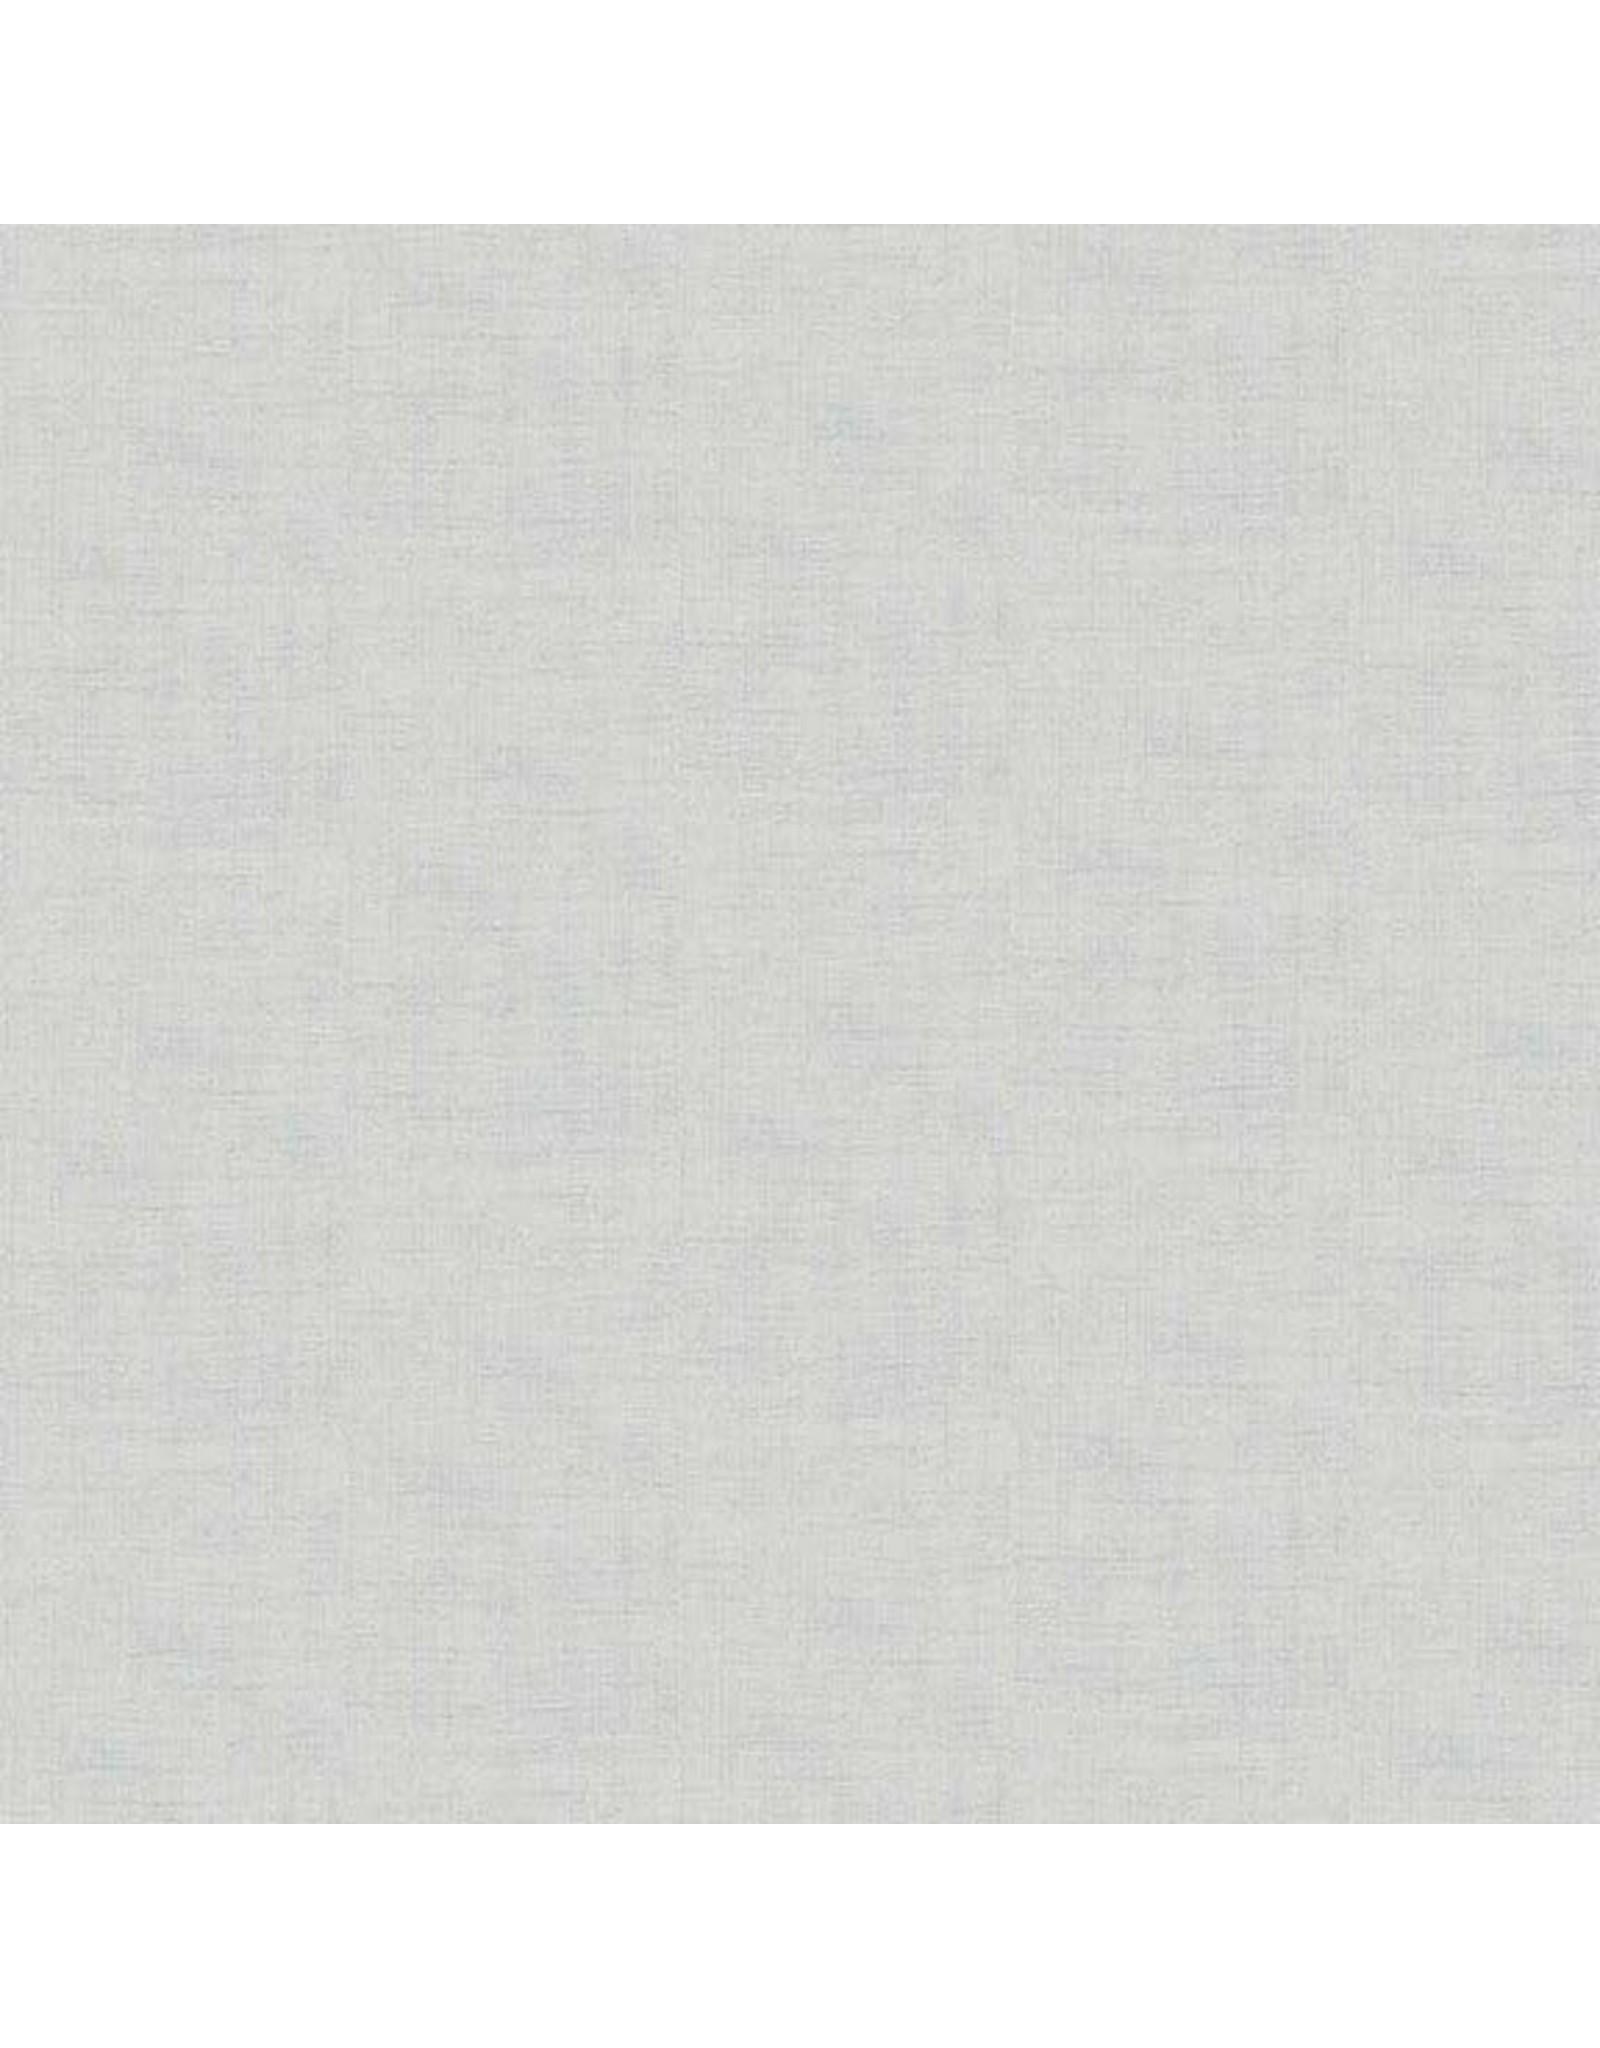 Makower UK Linen Texture - Dove